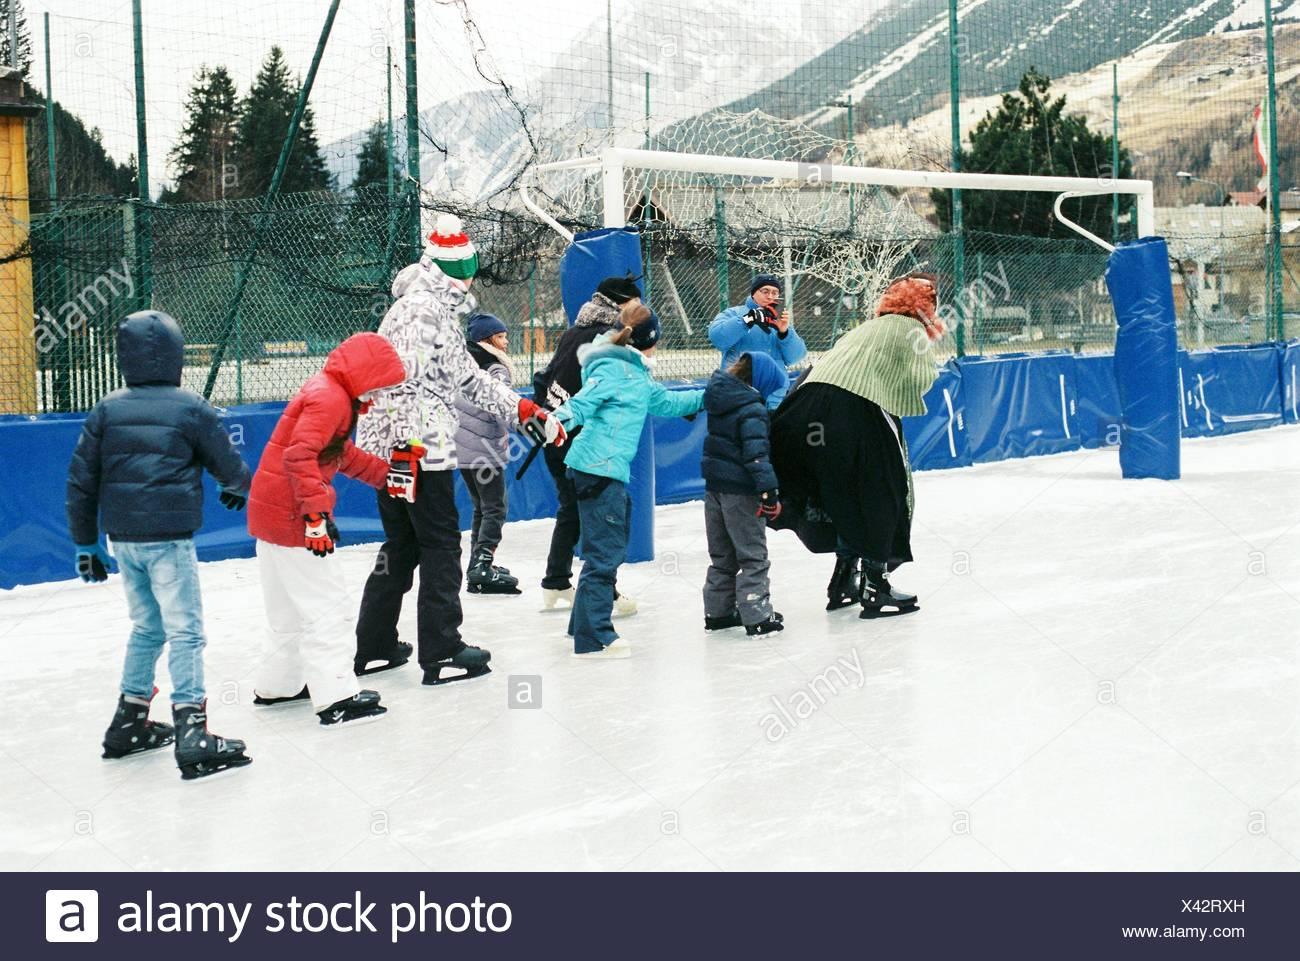 Sprinkler Eisbahn